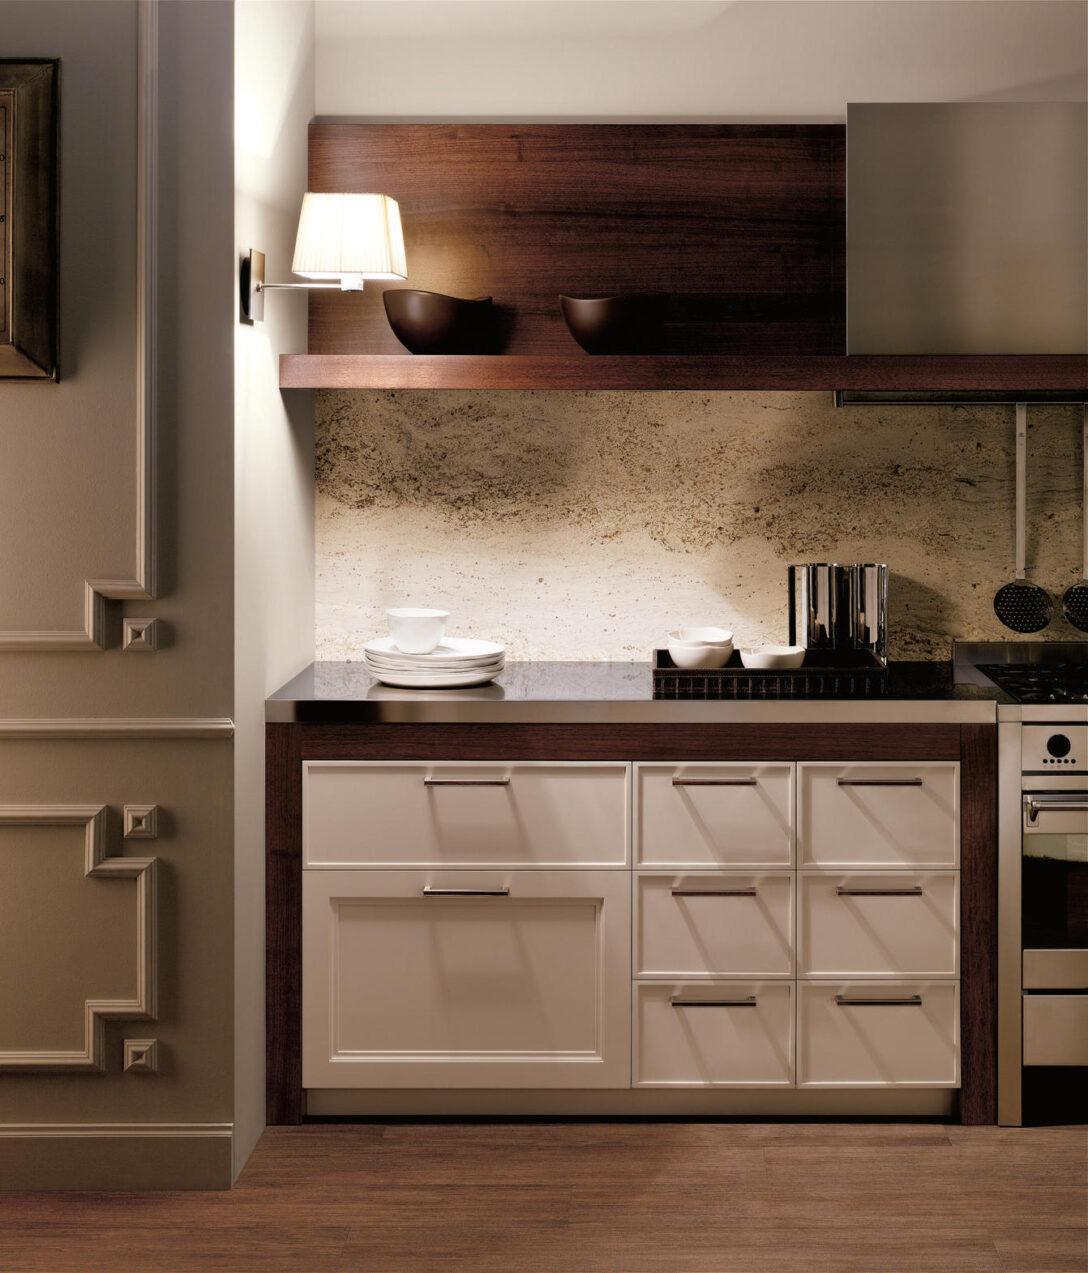 Large Size of Einbauküche Real Mit Elektrogeräten Ohne Kühlschrank E Geräten Selber Bauen Günstig Obi Kaufen Ebay Gebrauchte Gebraucht Kleine Wohnzimmer Einbauküche Real